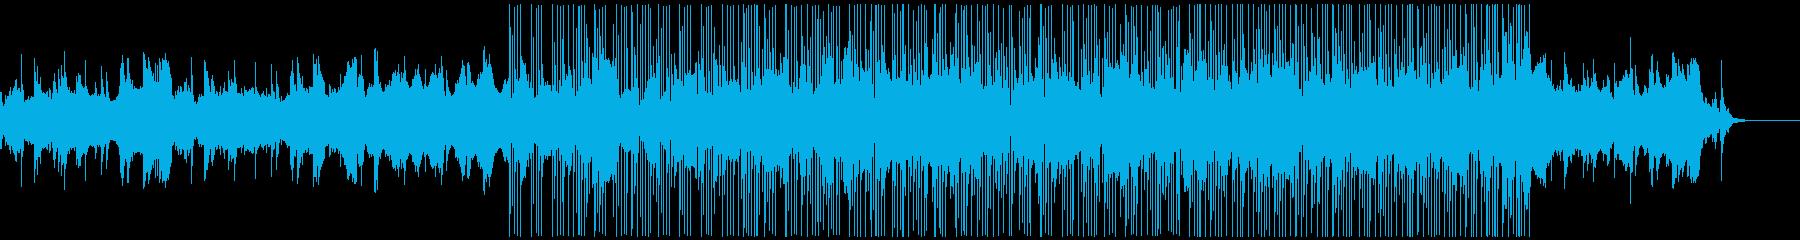 揚琴とストリングスの優しいテクノの再生済みの波形